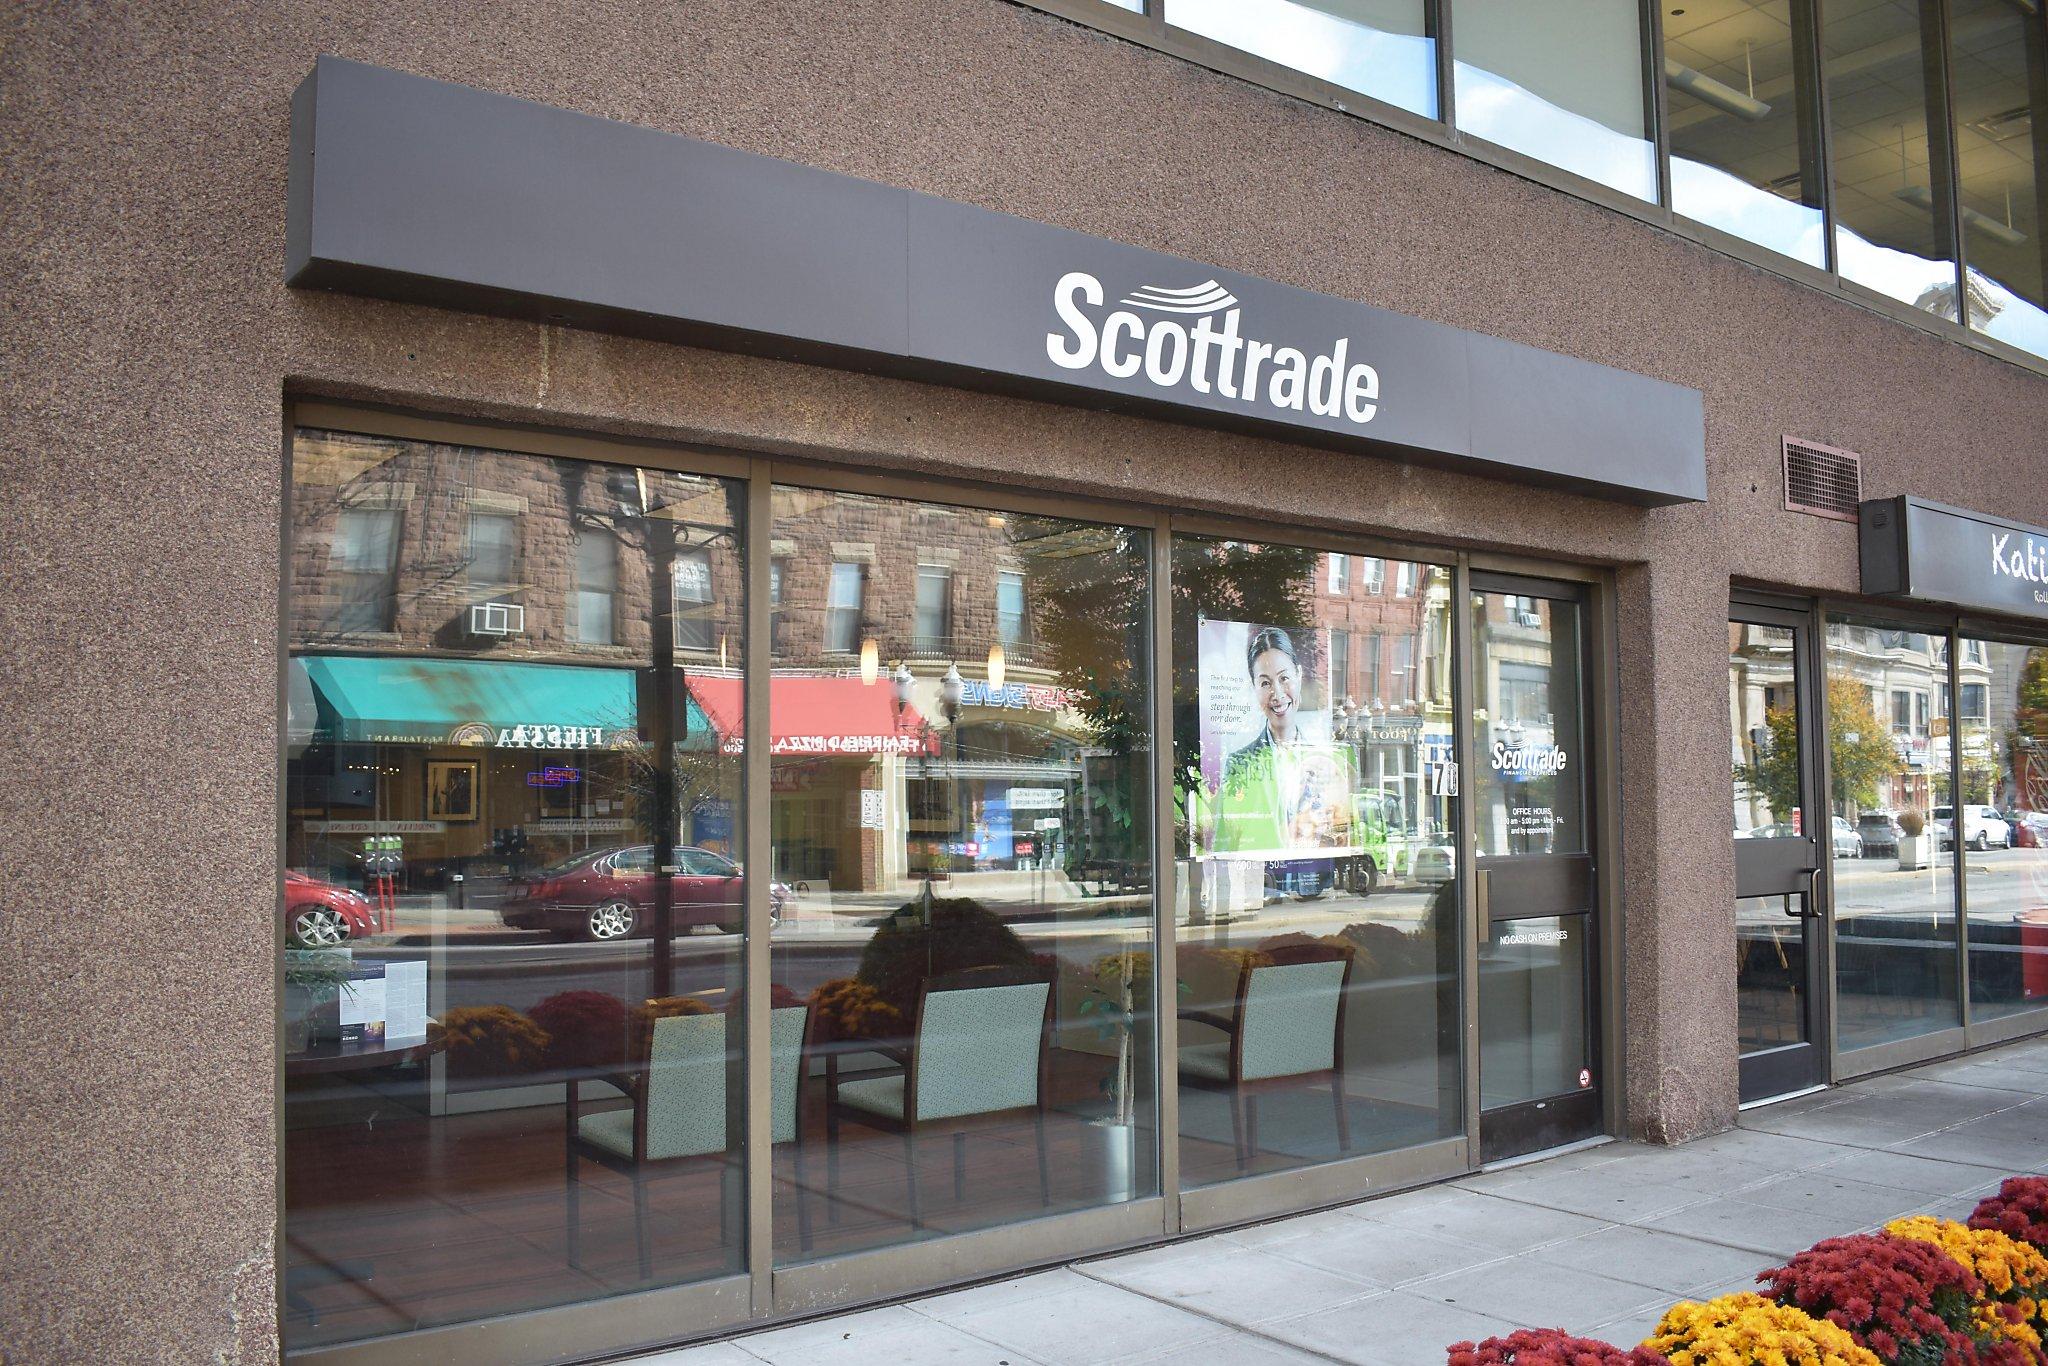 Td Ameritrade Buying Scottrade For 4 Billion Seattlepi Com